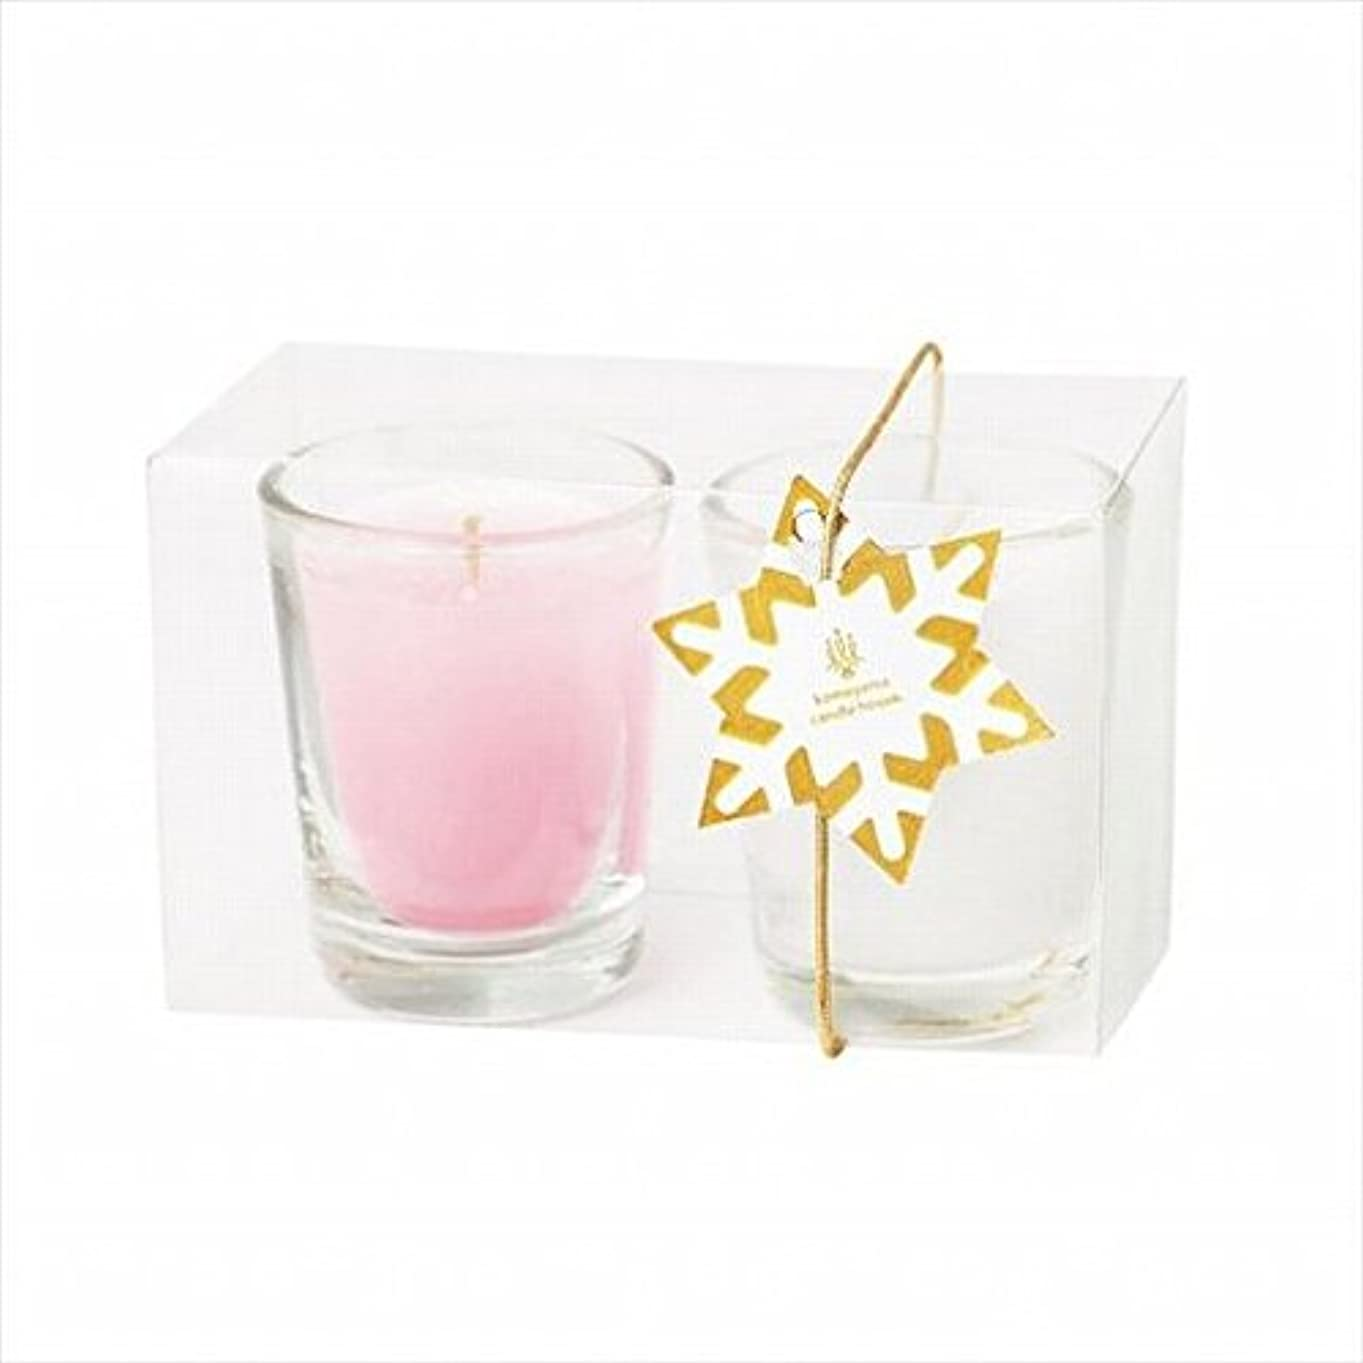 描くペイント背骨kameyama candle(カメヤマキャンドル) ミニライト2個入り 「 ホワイト&ピンク 」(A9570020)